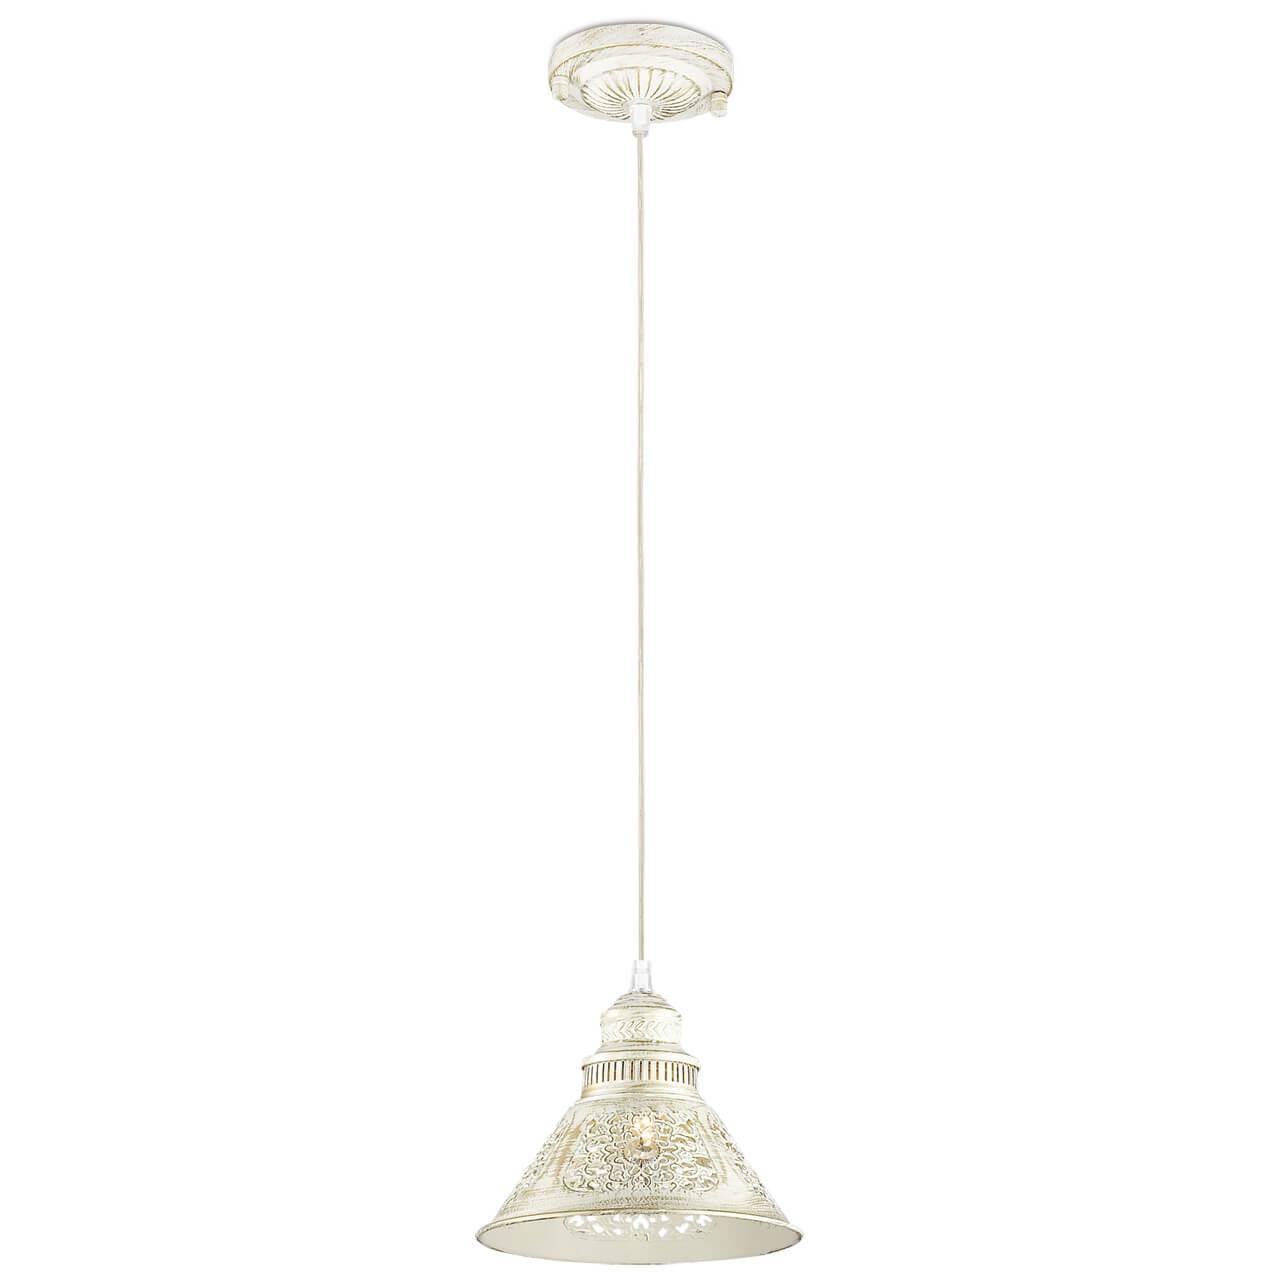 цена на Подвесной светильник Odeon Light Kamun 2844/1